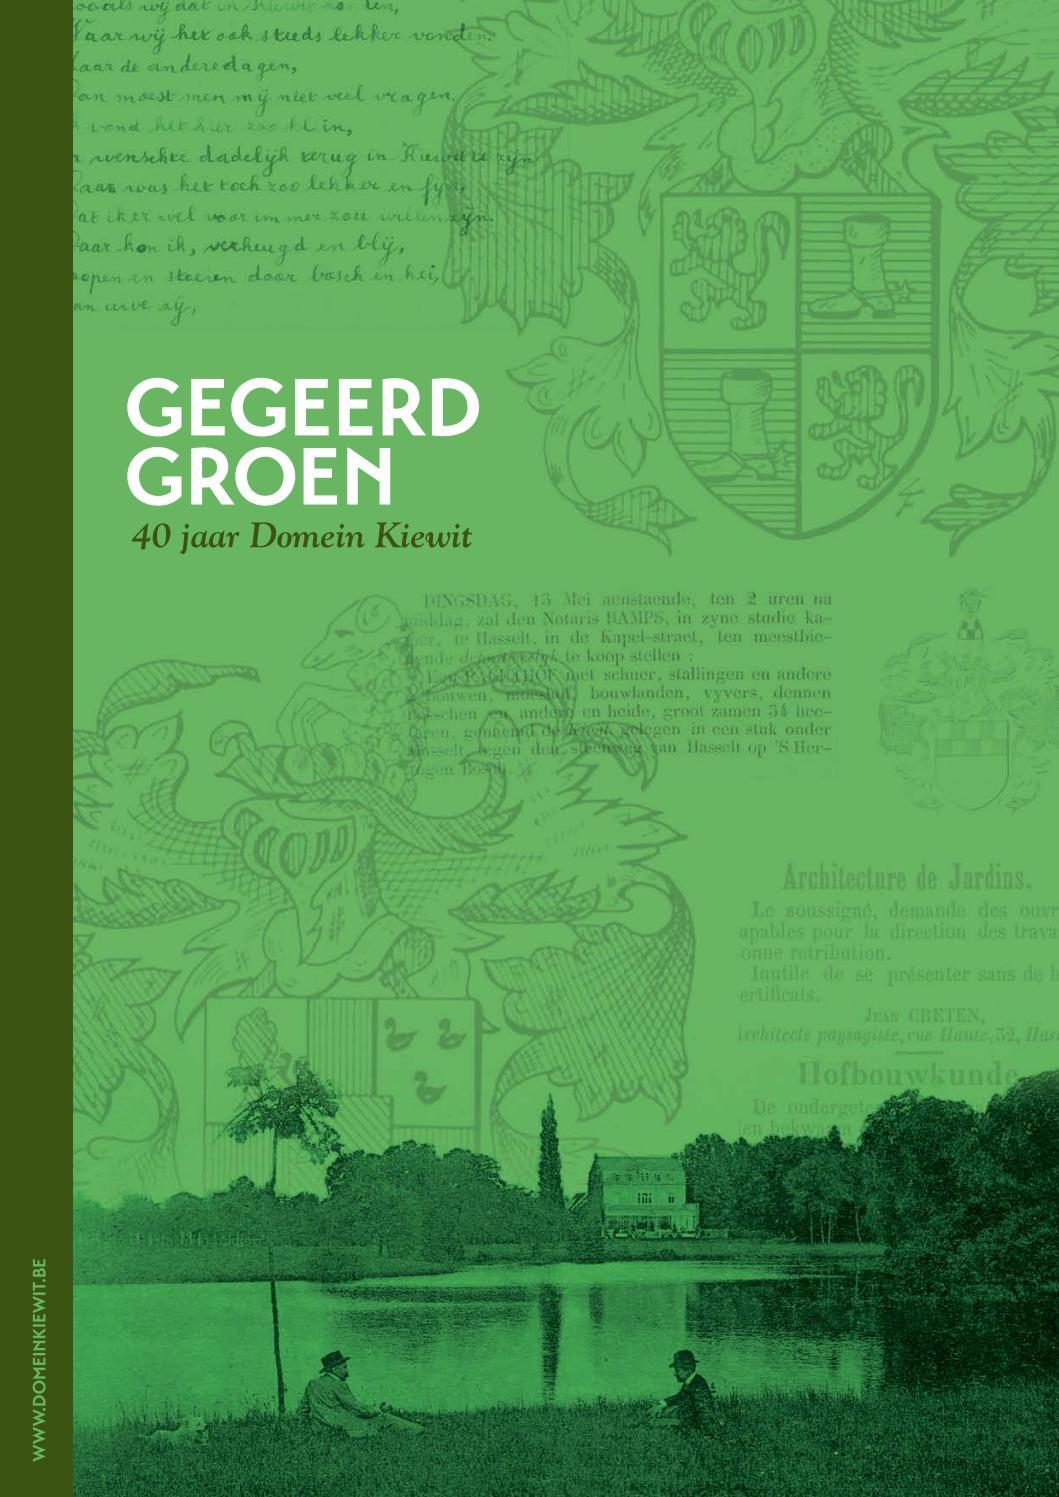 Domein Kiewit / Gegeerd Groen, 40 jaar Domein Kiewit by Imagica ...